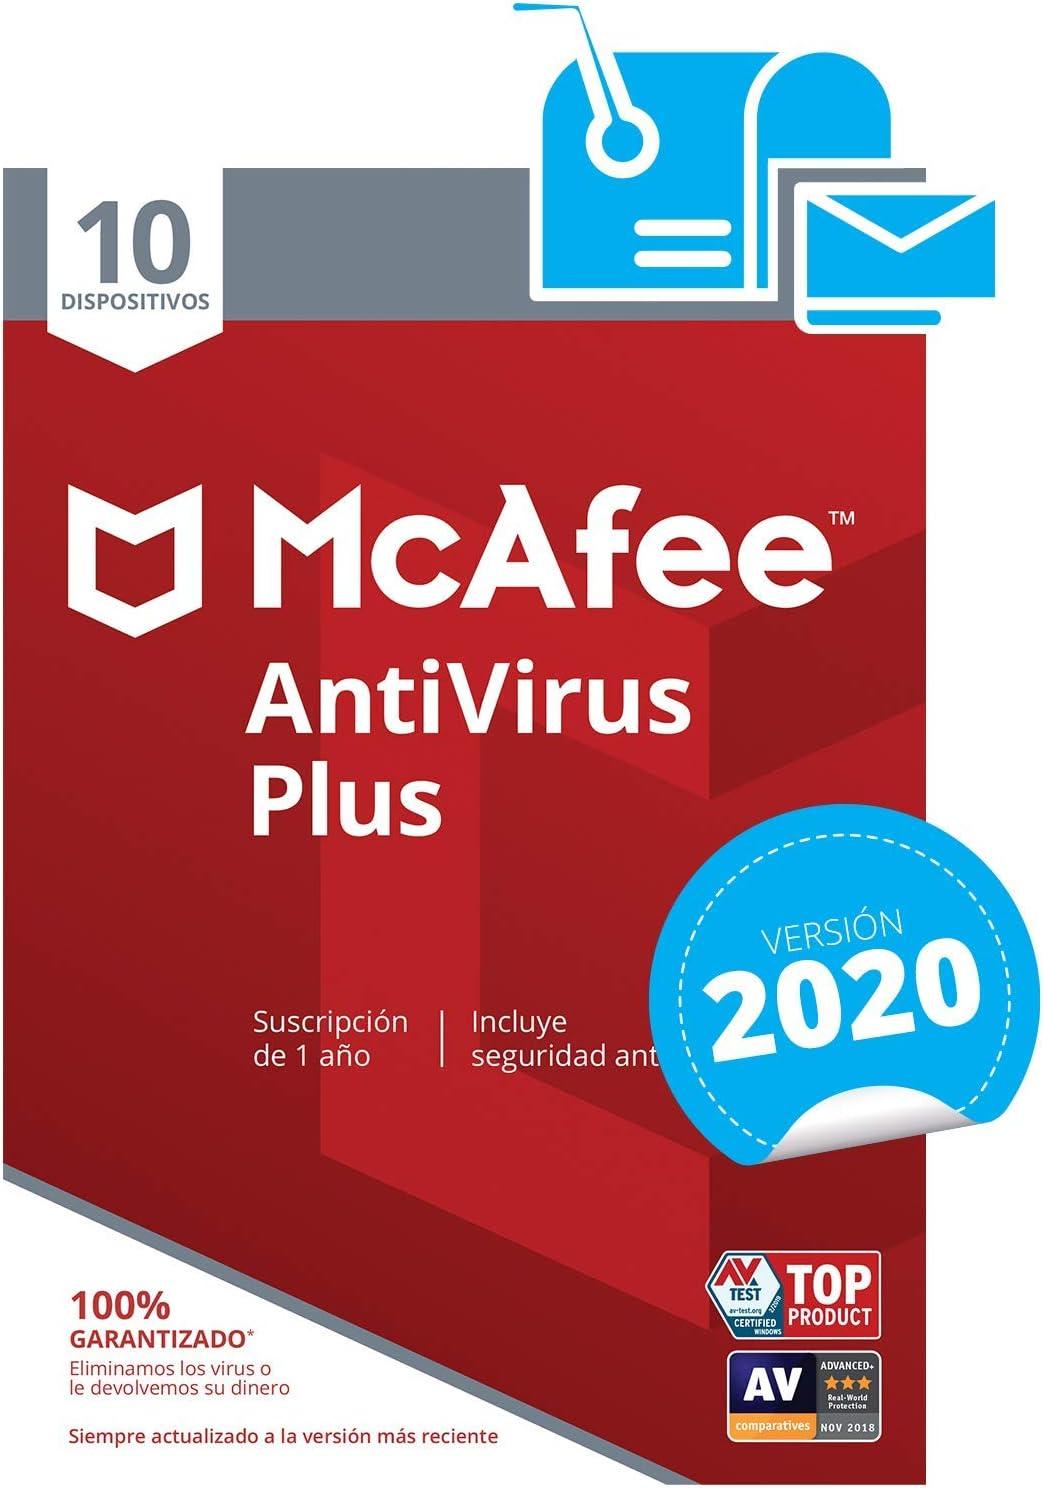 McAfee AntiVirus Plus 2020 - Antivirus   10 Dispositivos   Suscripción de 1 año   PC/Mac/Android/Smartphones   Código de activación por correo